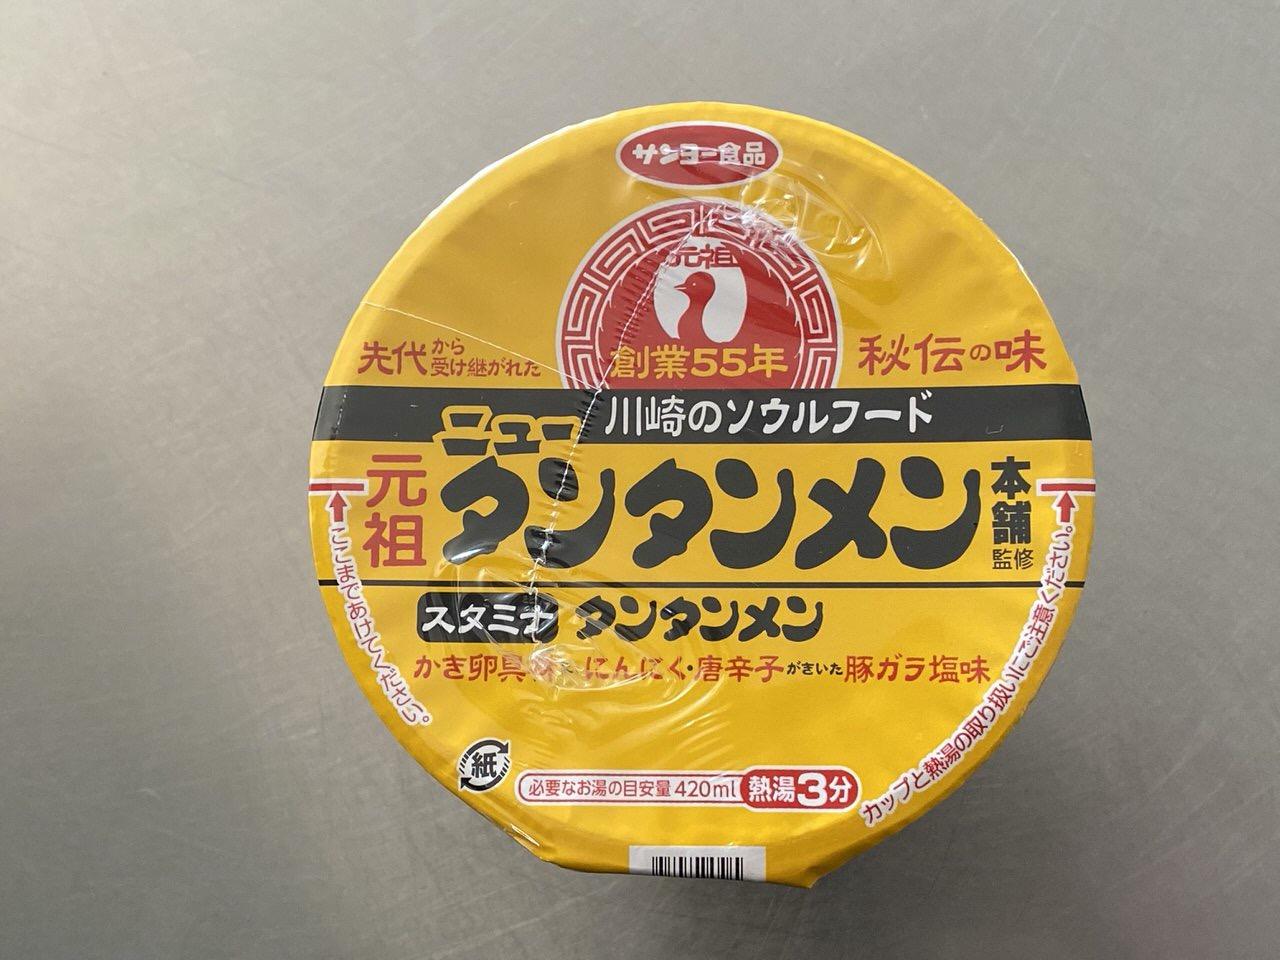 川崎のソウルフードがカップ麺に!元祖ニュータンタンメン本舗監修「タンタンメン」食べてみた